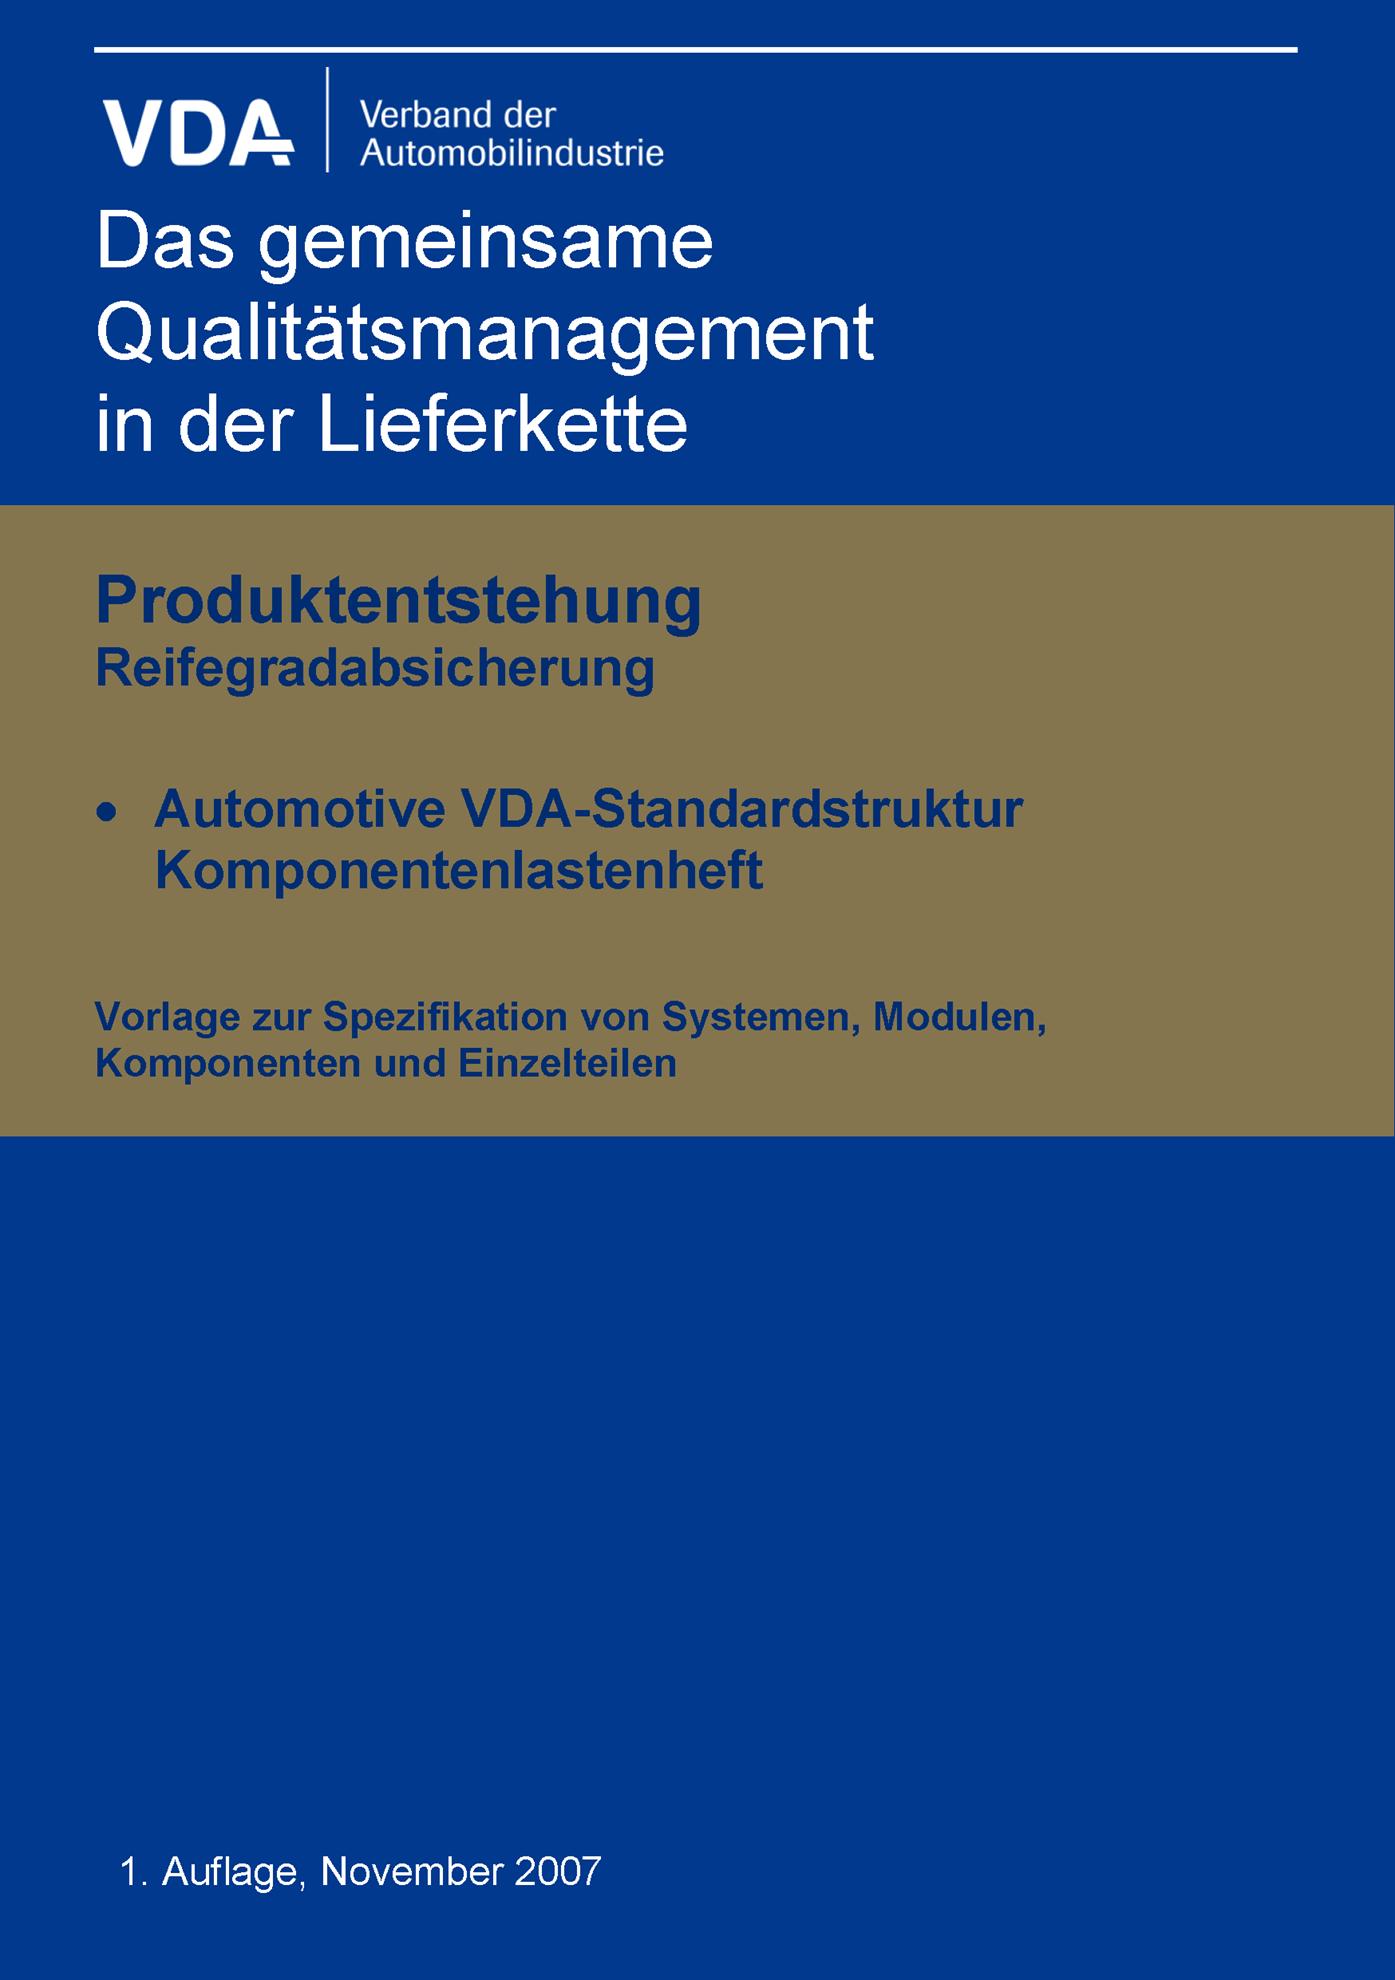 Bild von Komponentenlastenheft-Automotive Standardstruktur